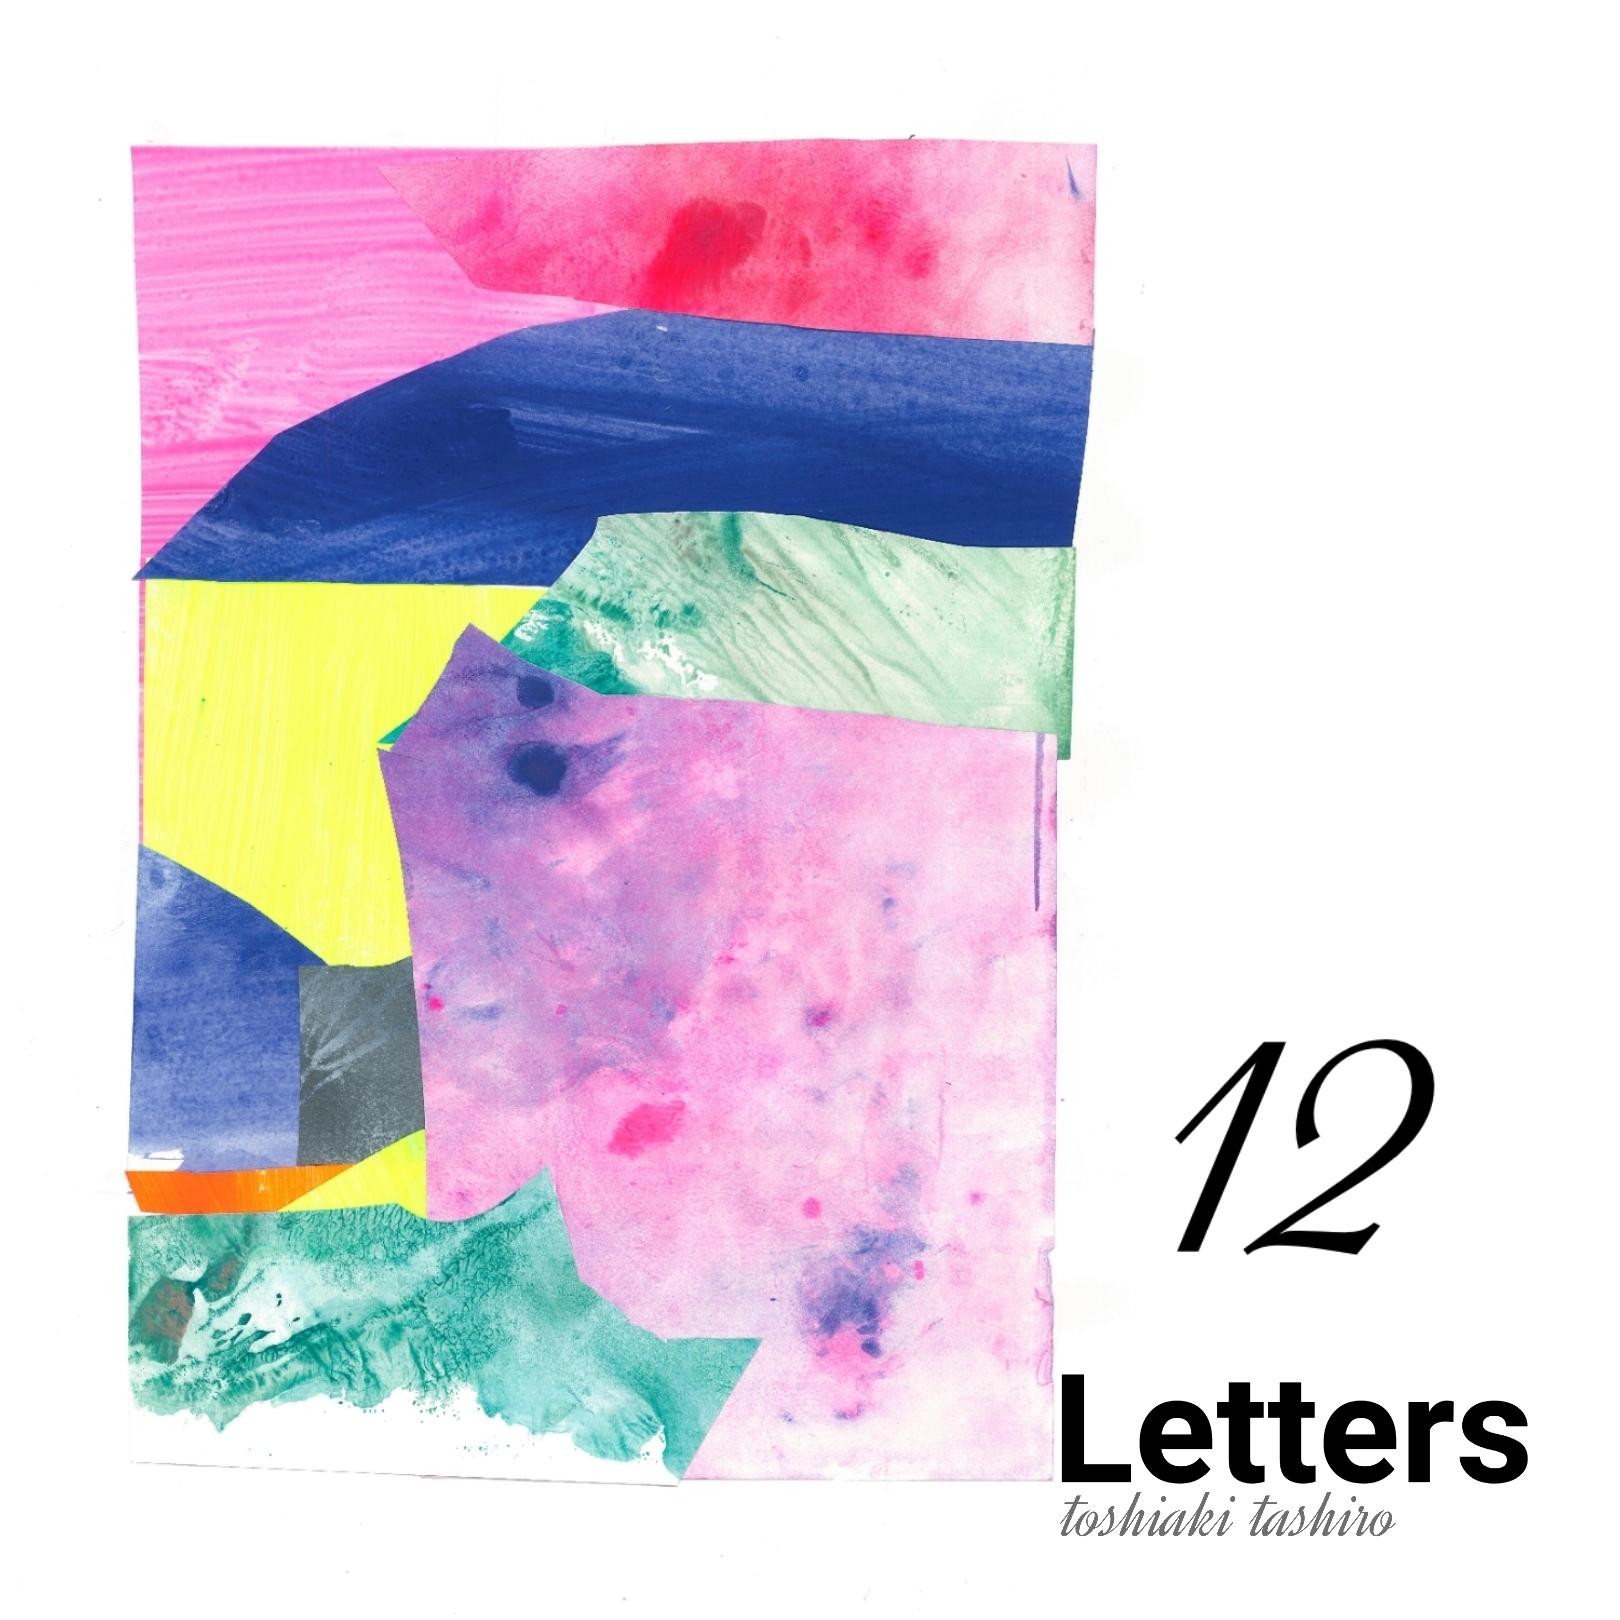 【限定20・原画】(1ヶ月周期 × 12回)田代敏朗が描くあなたのためだけの絵はがき